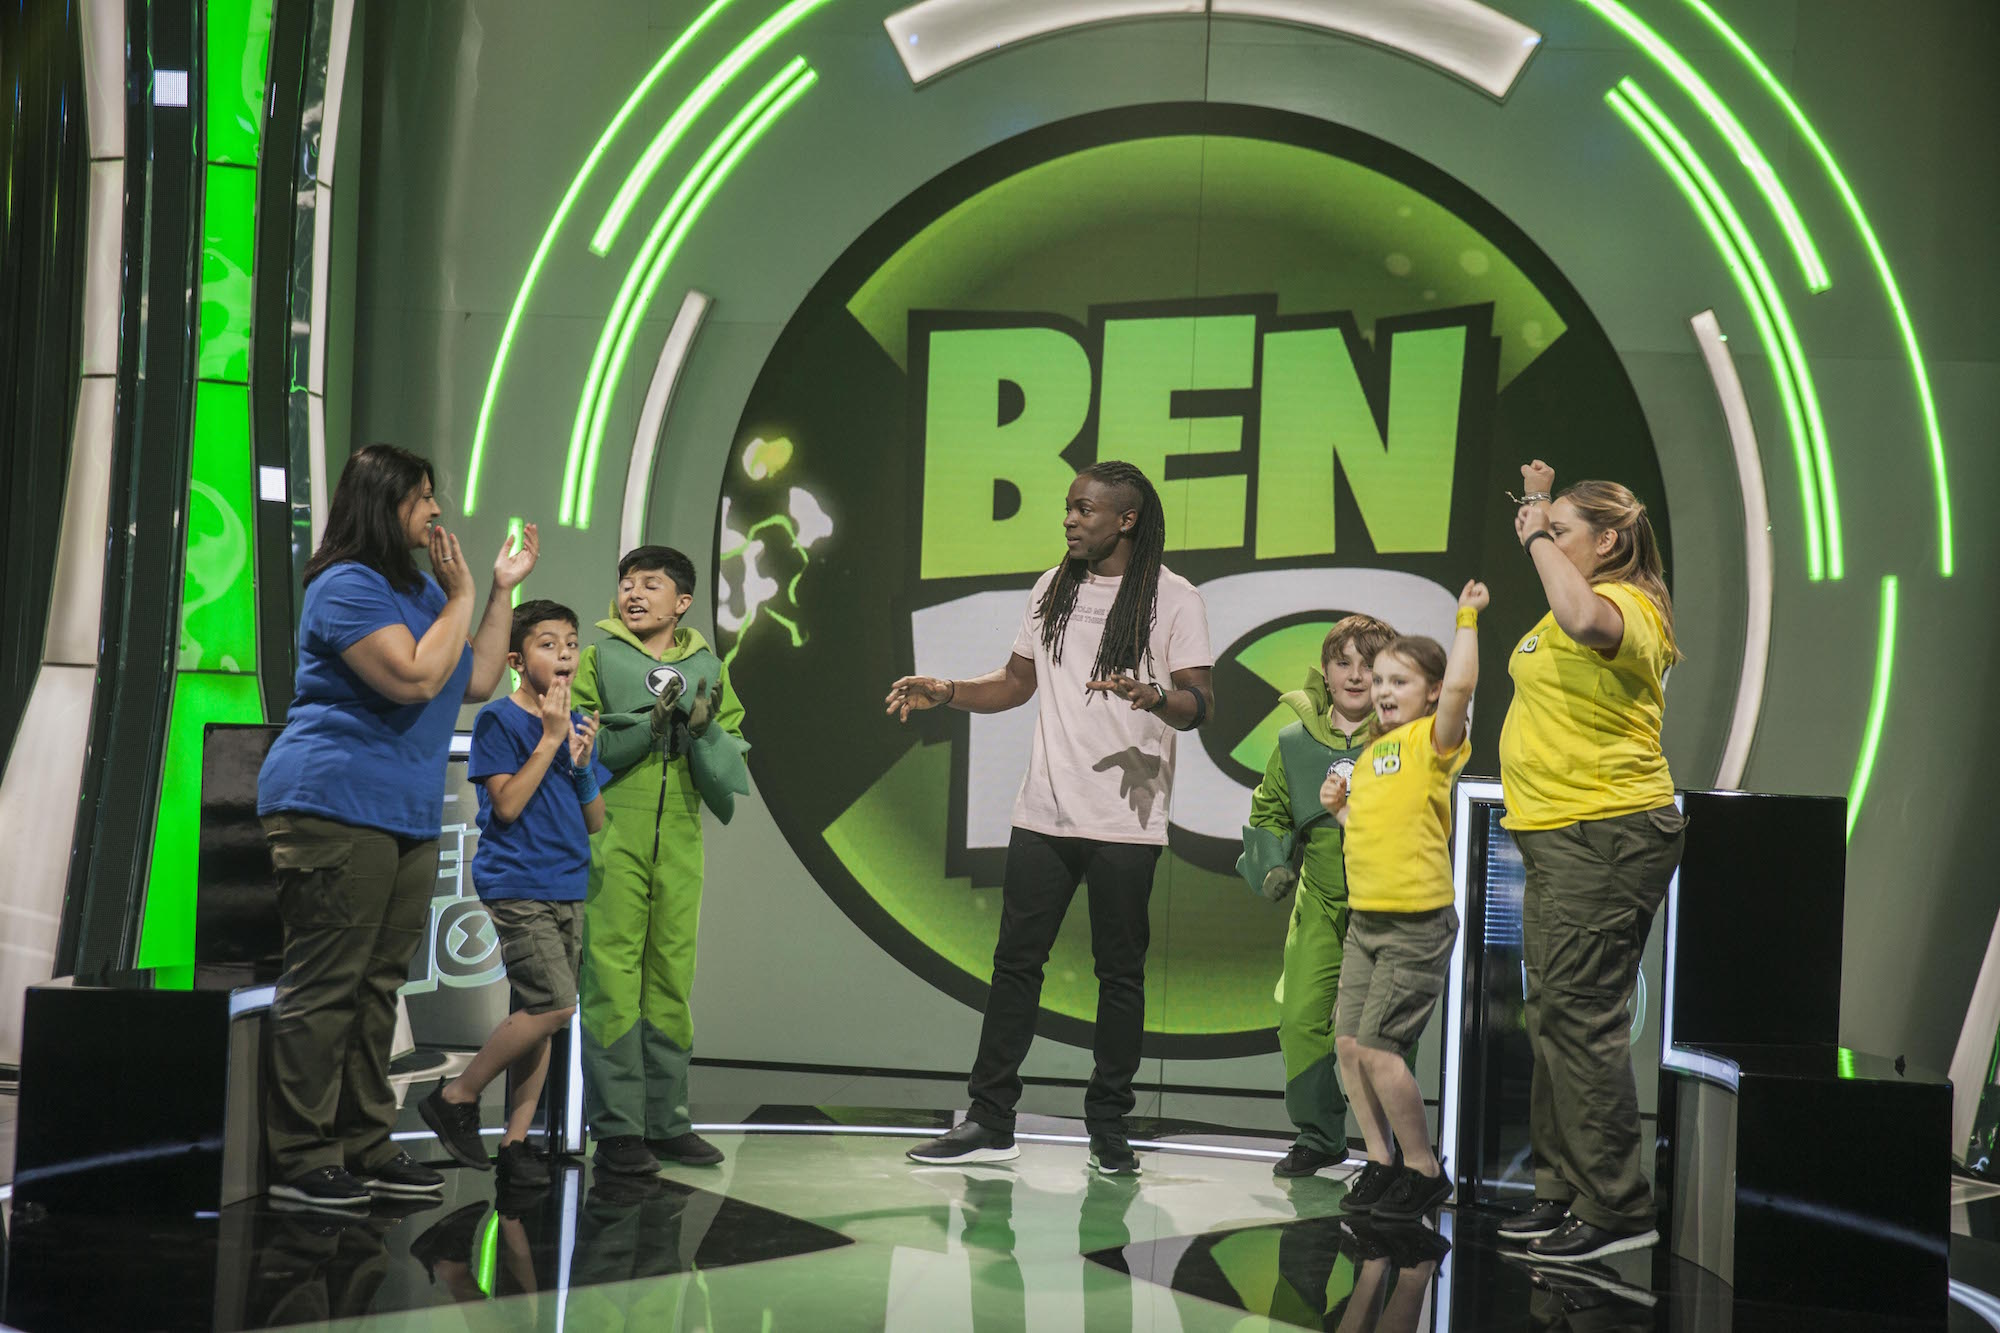 Ben 10 Challenge on CITV